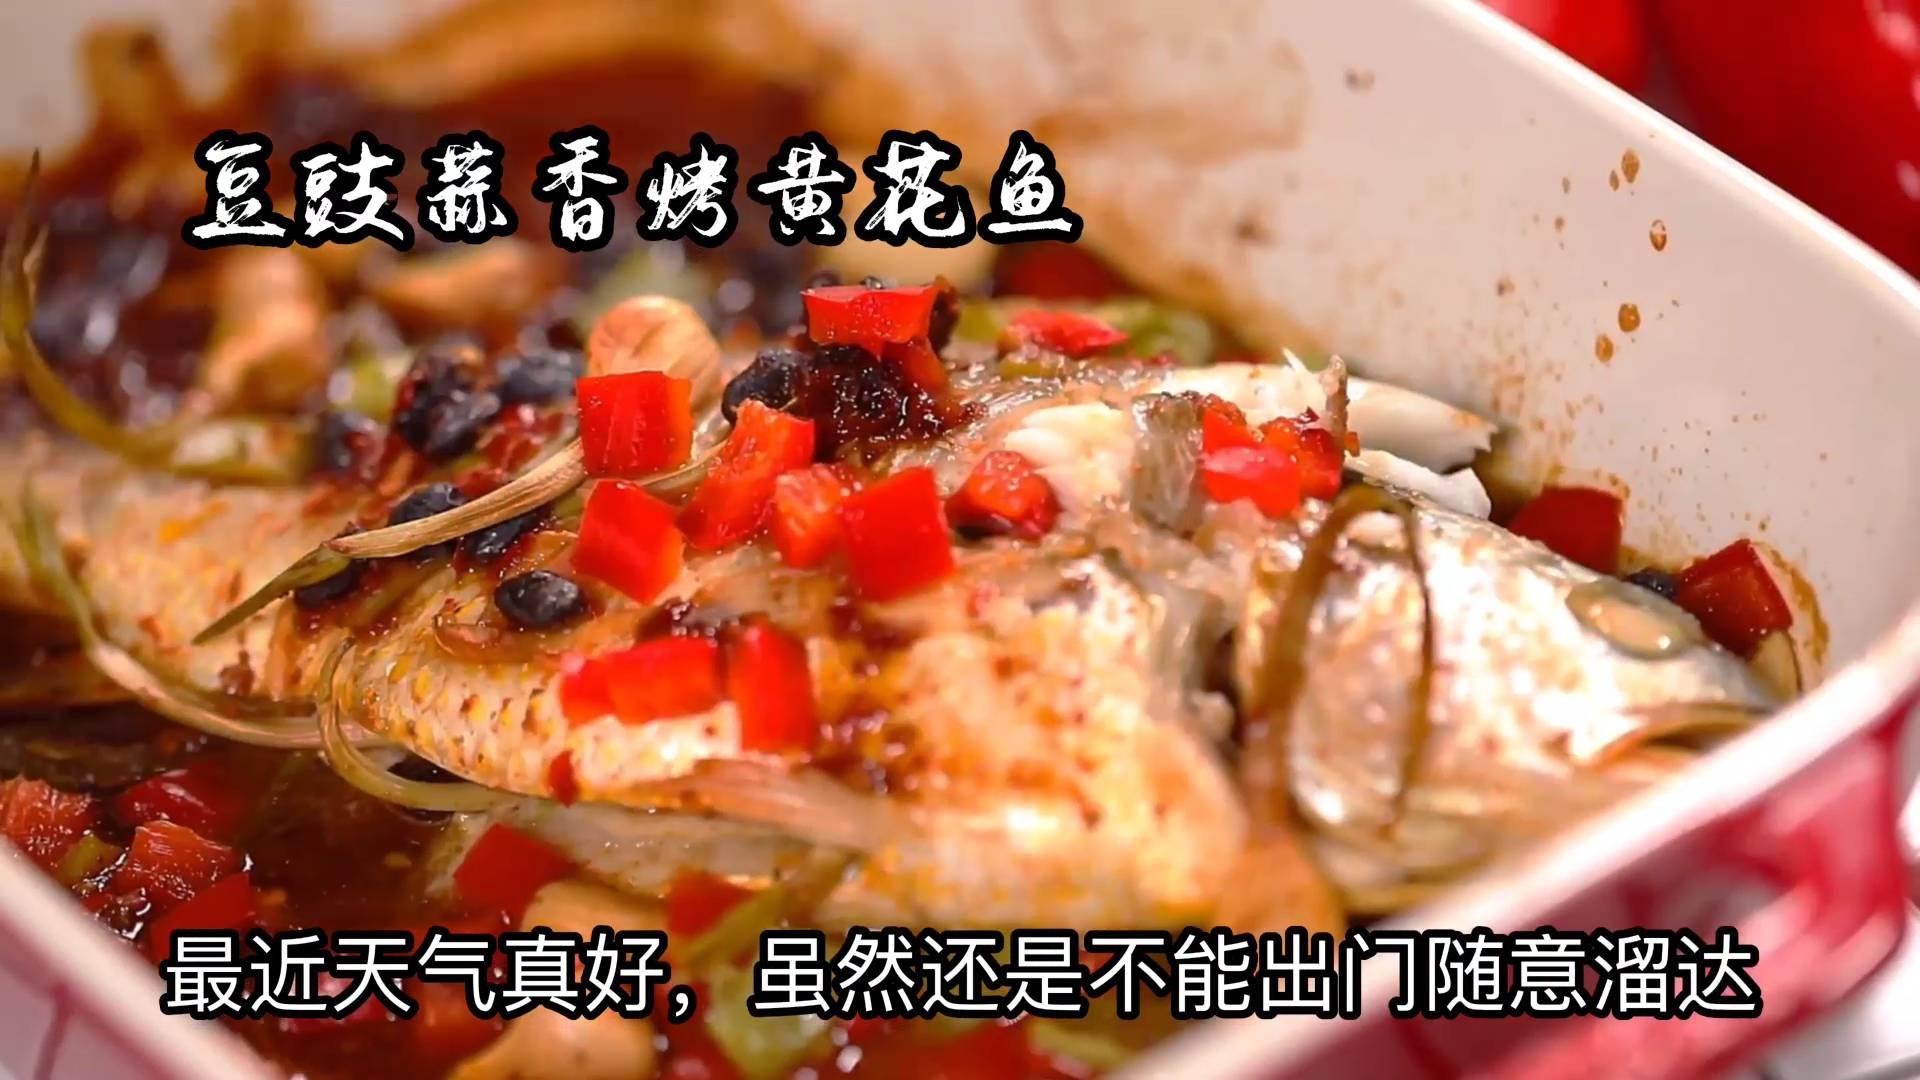 在家馋烤鱼了,豆豉蒜香味的烤黄花鱼太鲜了